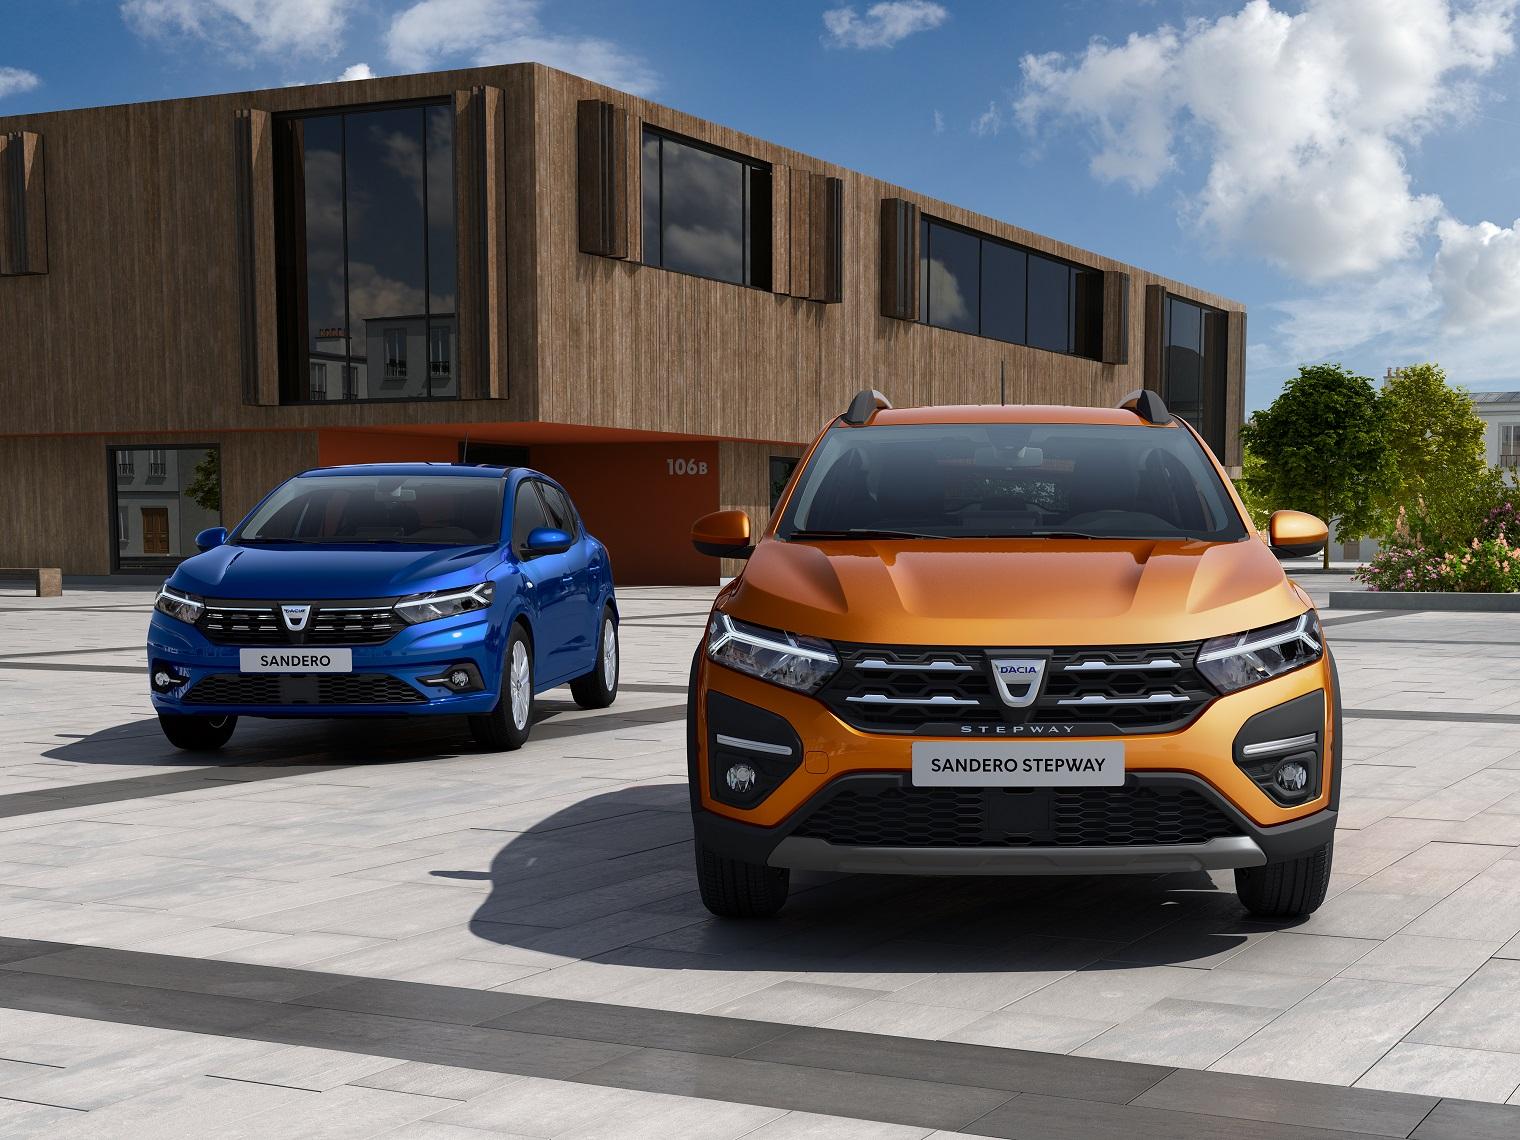 I 10 segreti della nuova Dacia Sandero 2021 [FOTO]